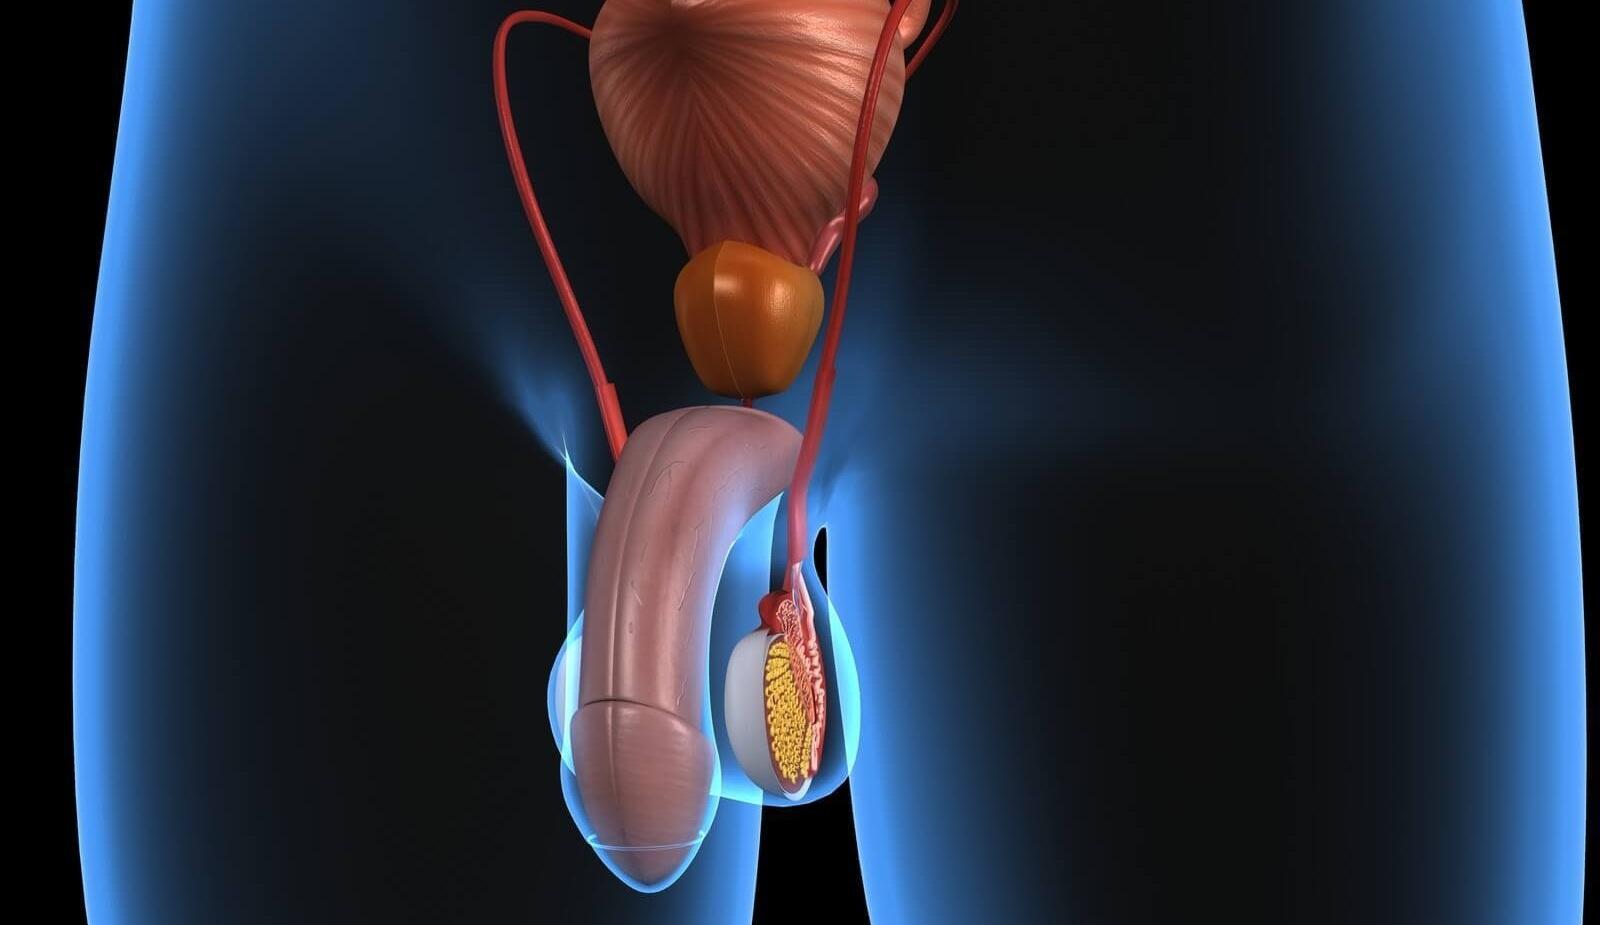 Строение мужских половых органов фото